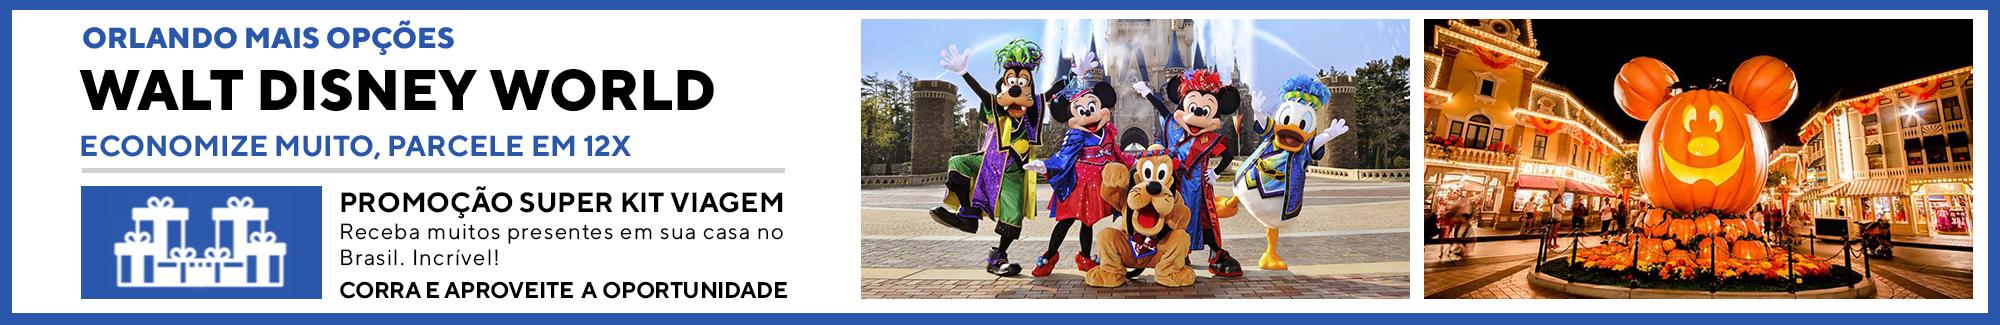 Disney + opções